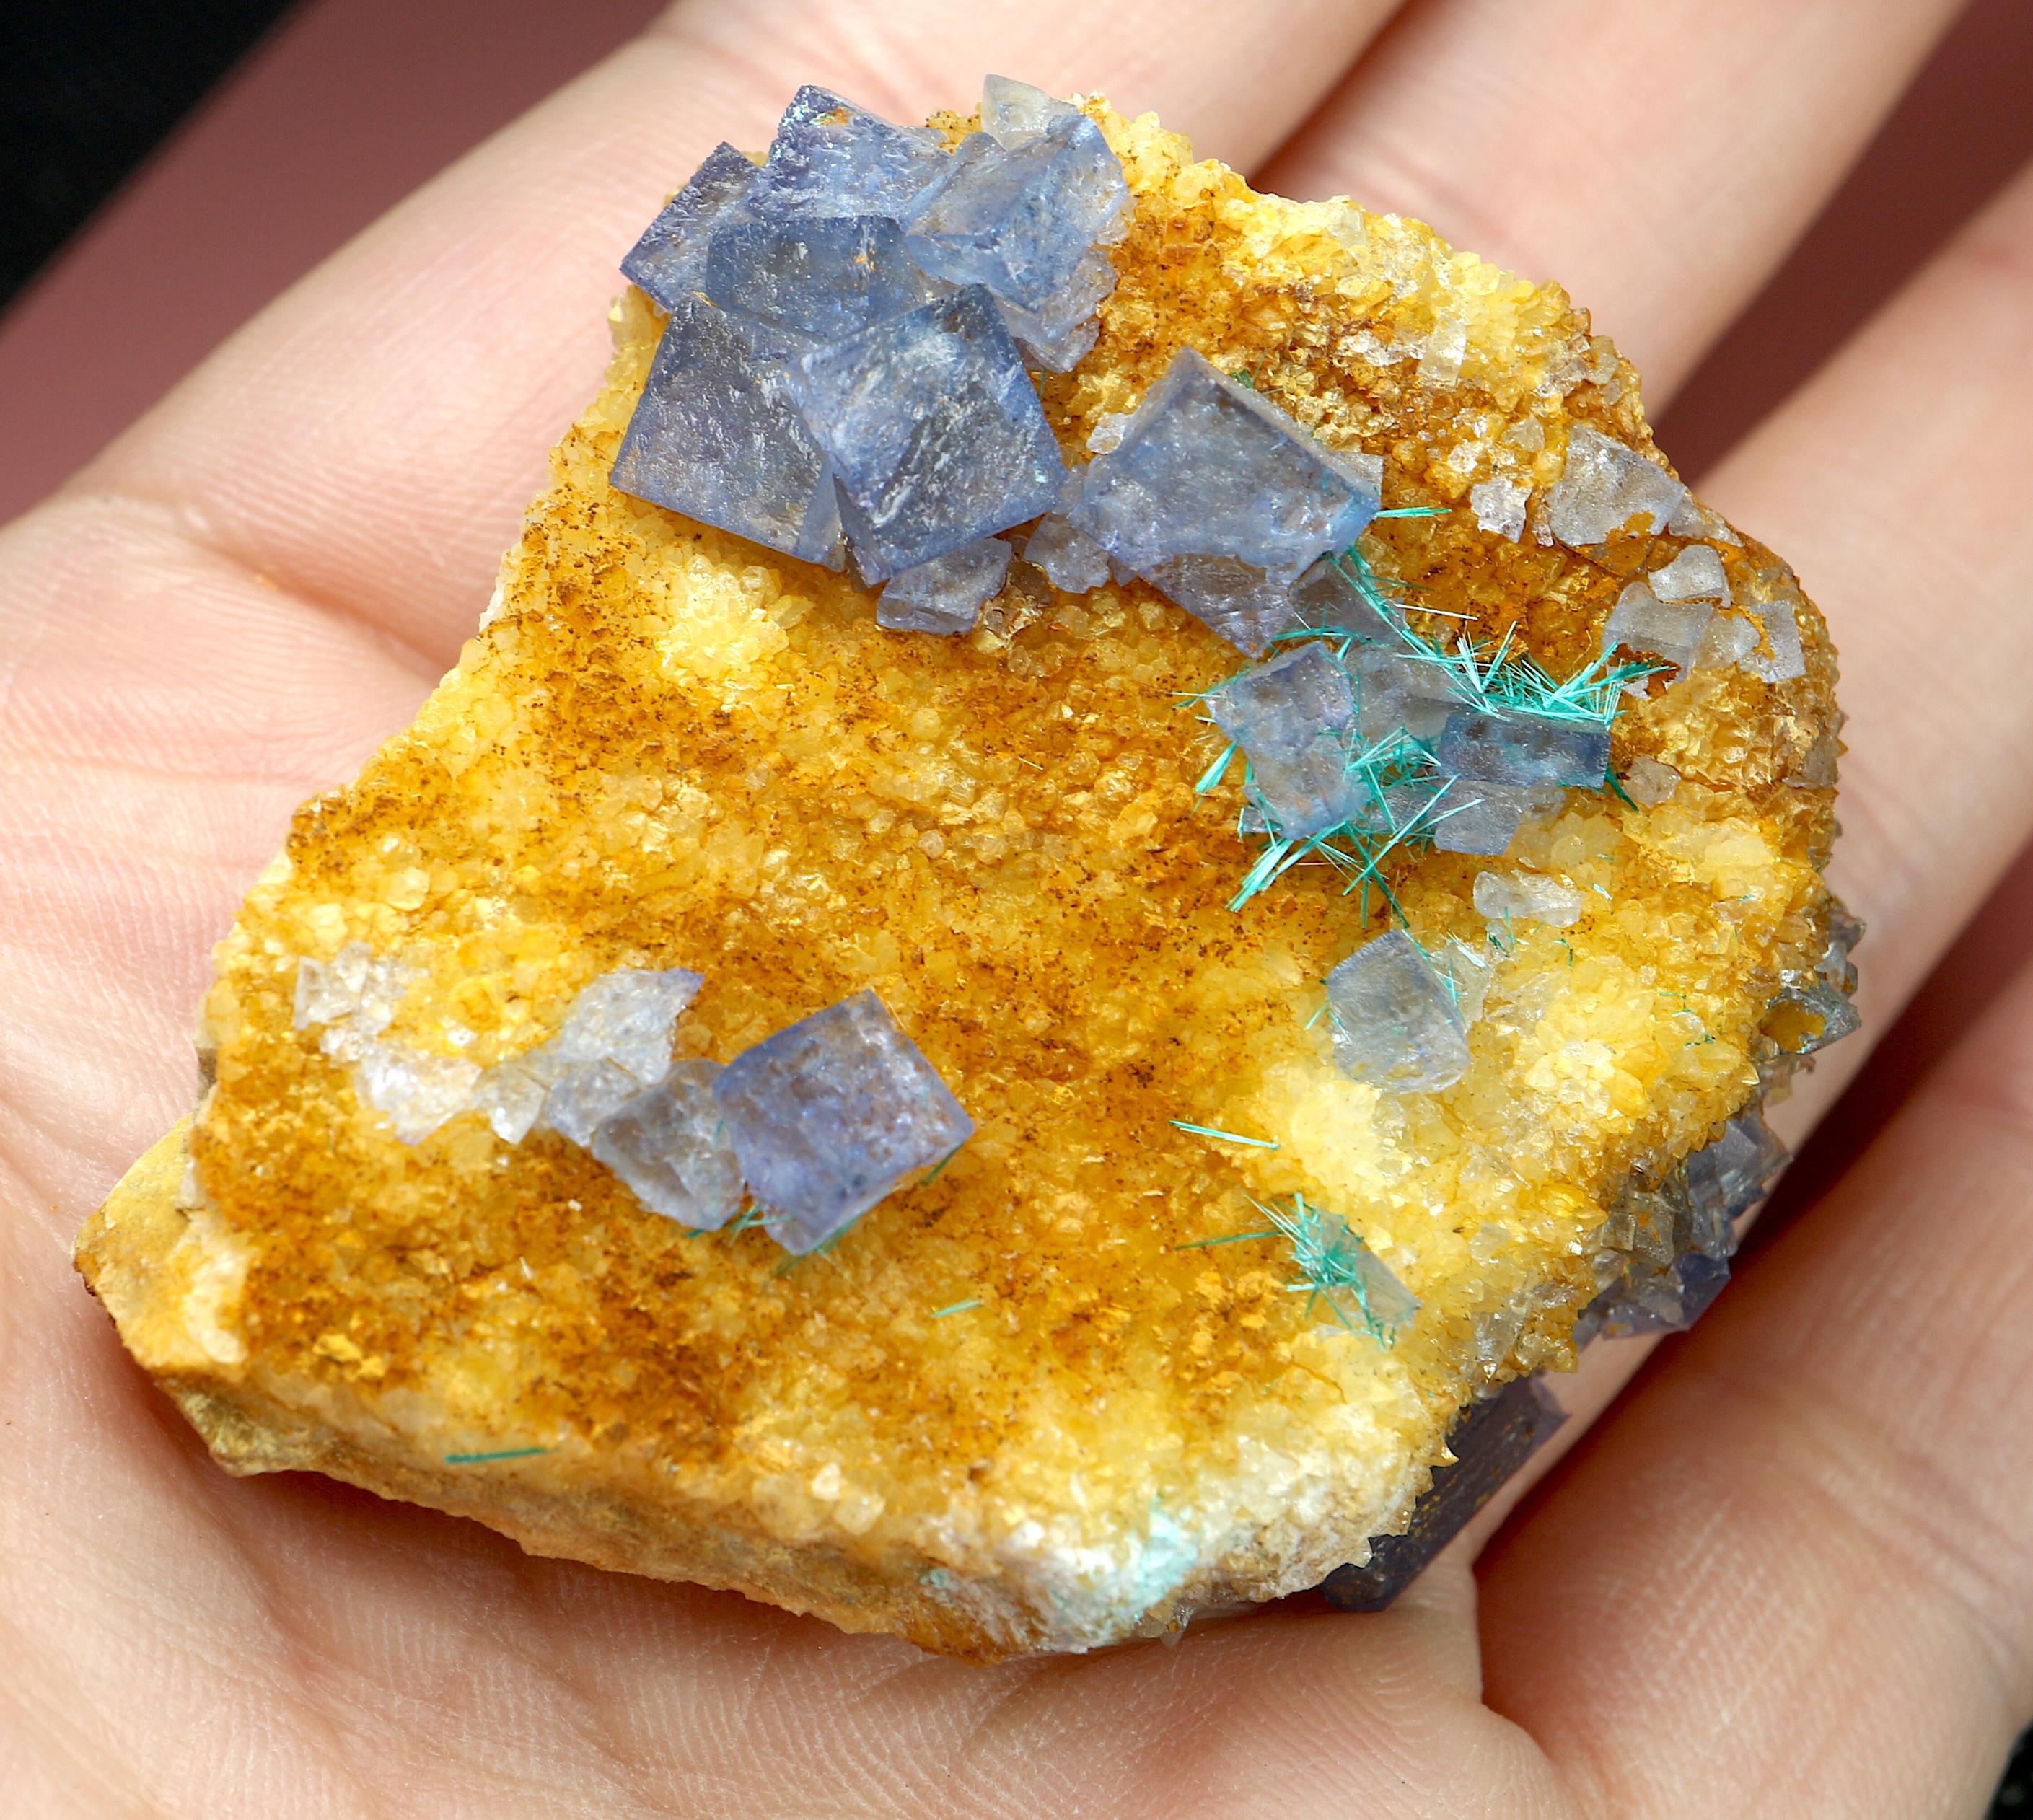 蛍石 + ブロシャン銅鉱 ニューメキシコ州産 原石 50,3g FL107 鉱物 原石 天然石 パワーストーン